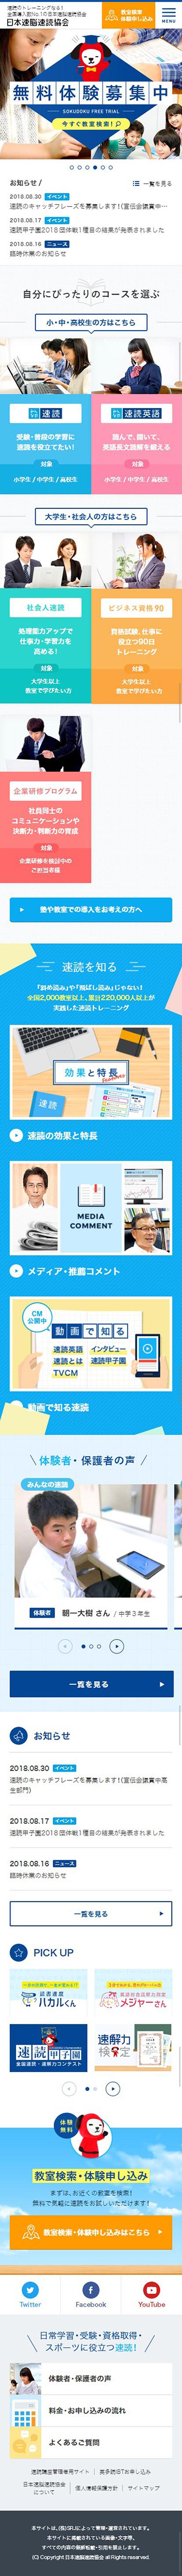 日本速脳速読協会スマホ版イメージ